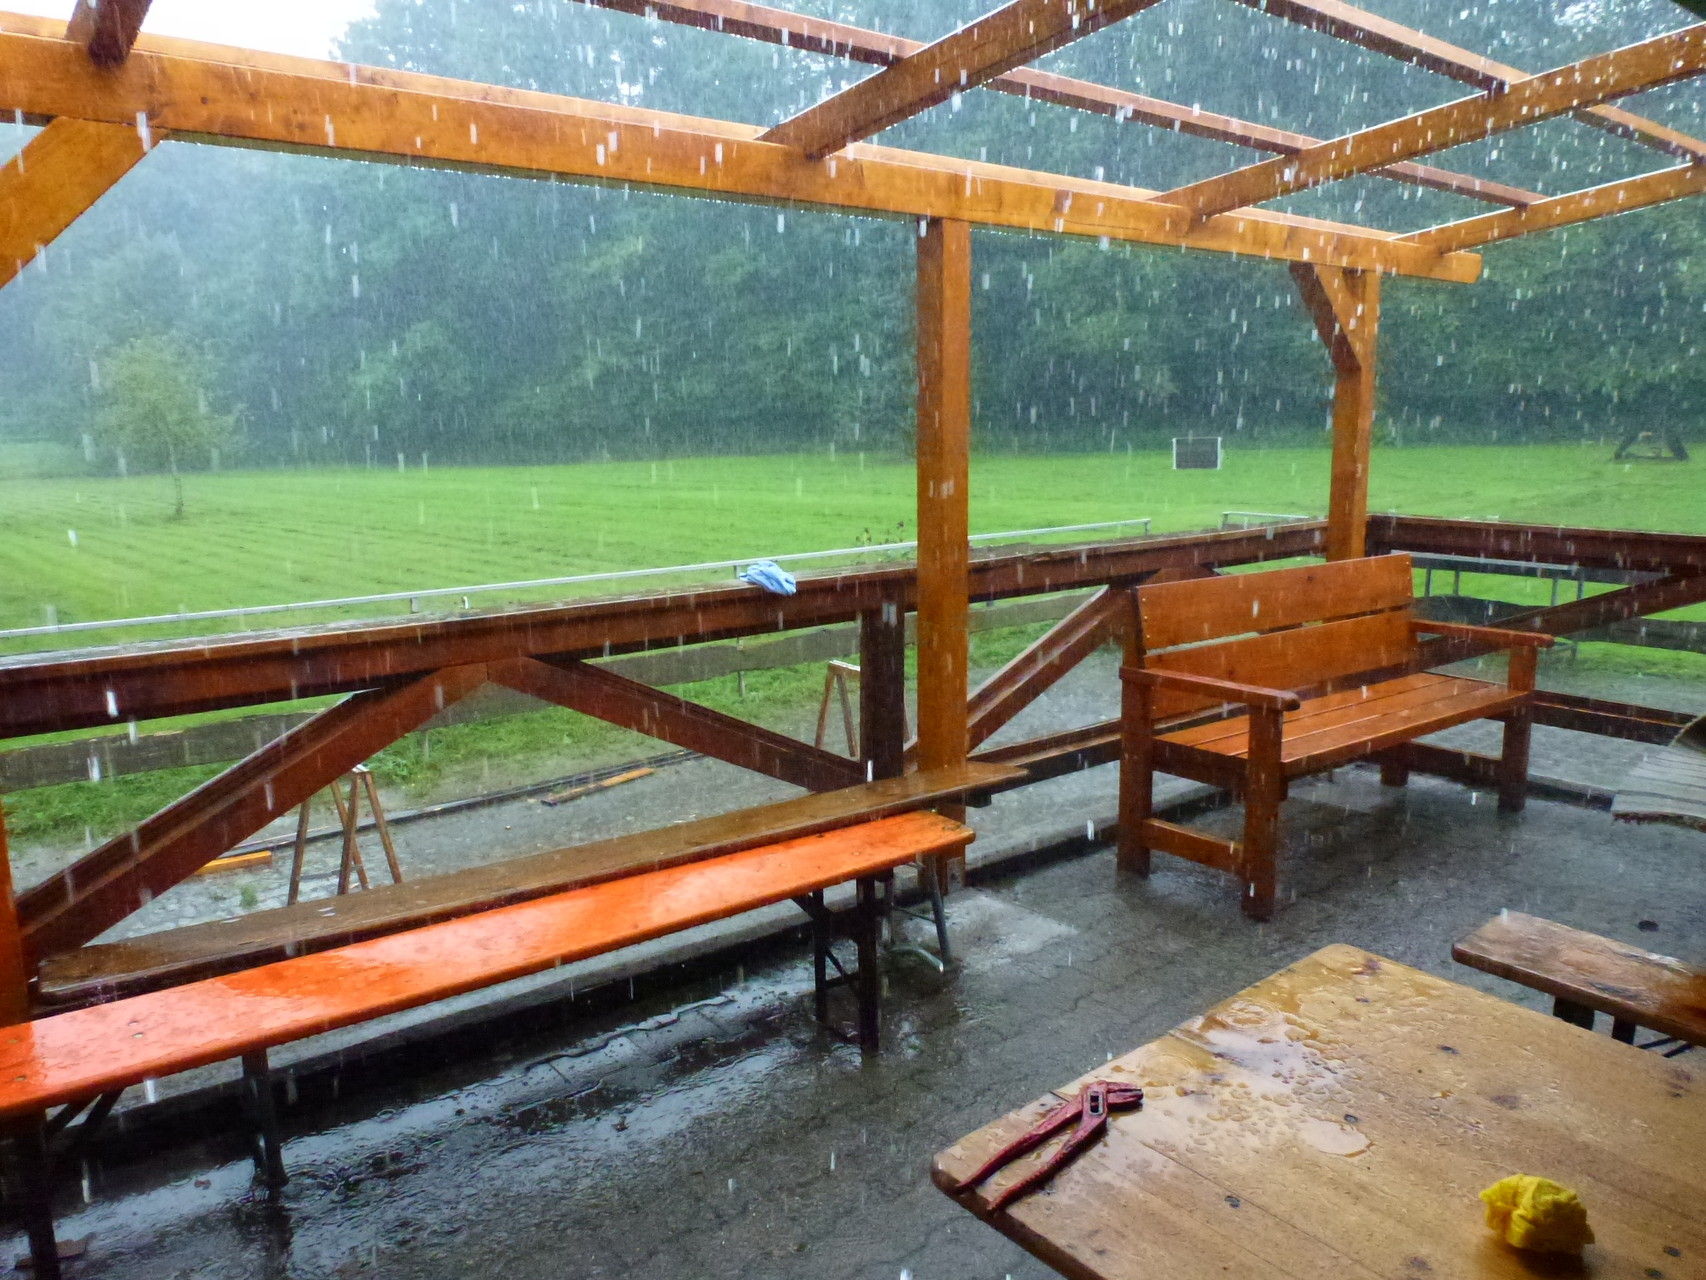 Wenn schlechtes Wetter ist kommt noch ein Regenschauer dazu